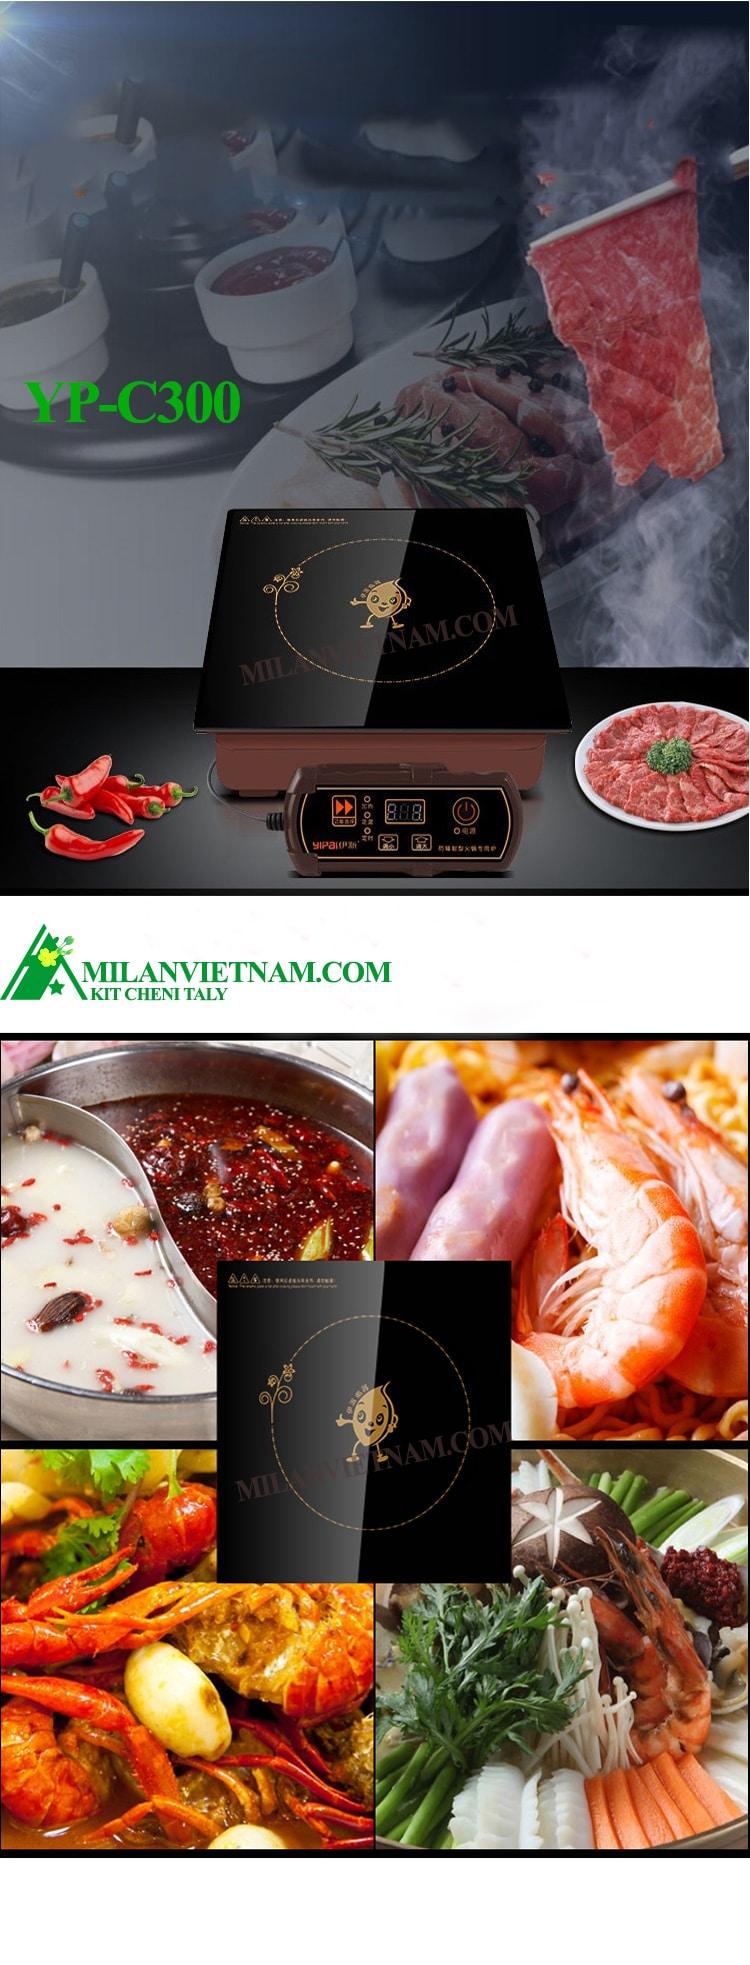 Bếp từ nhà hàng lẩu YP-C300